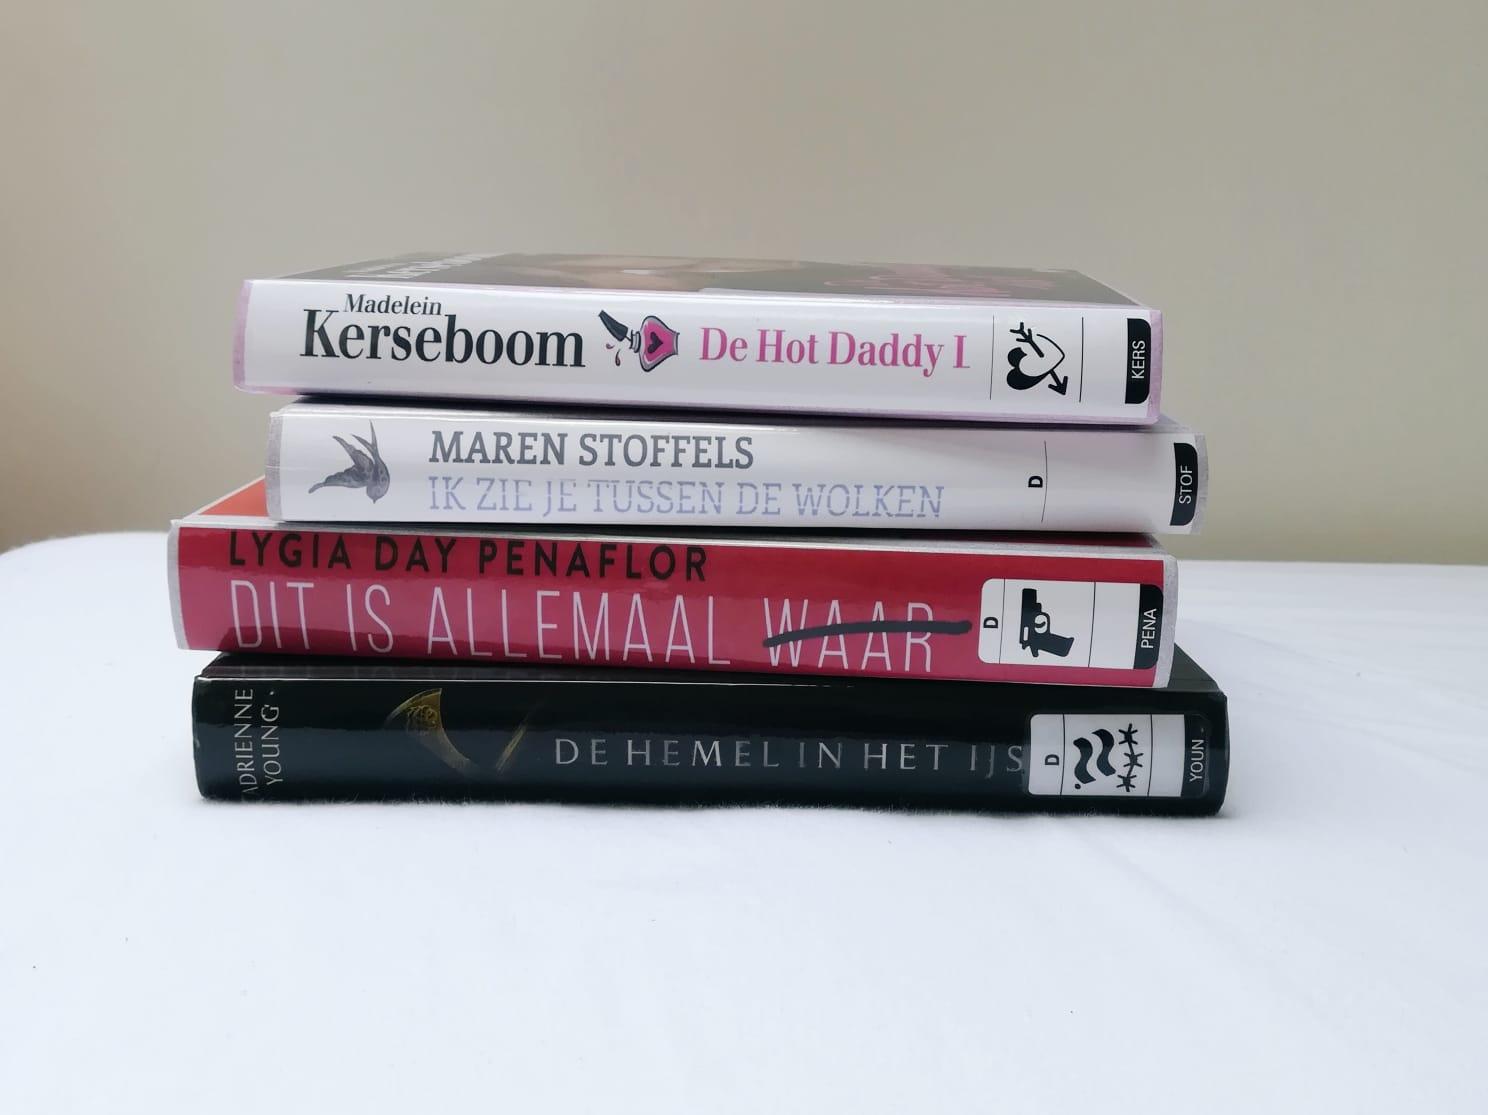 Biebreserveringen, fijn of niet? | Marieke's Books